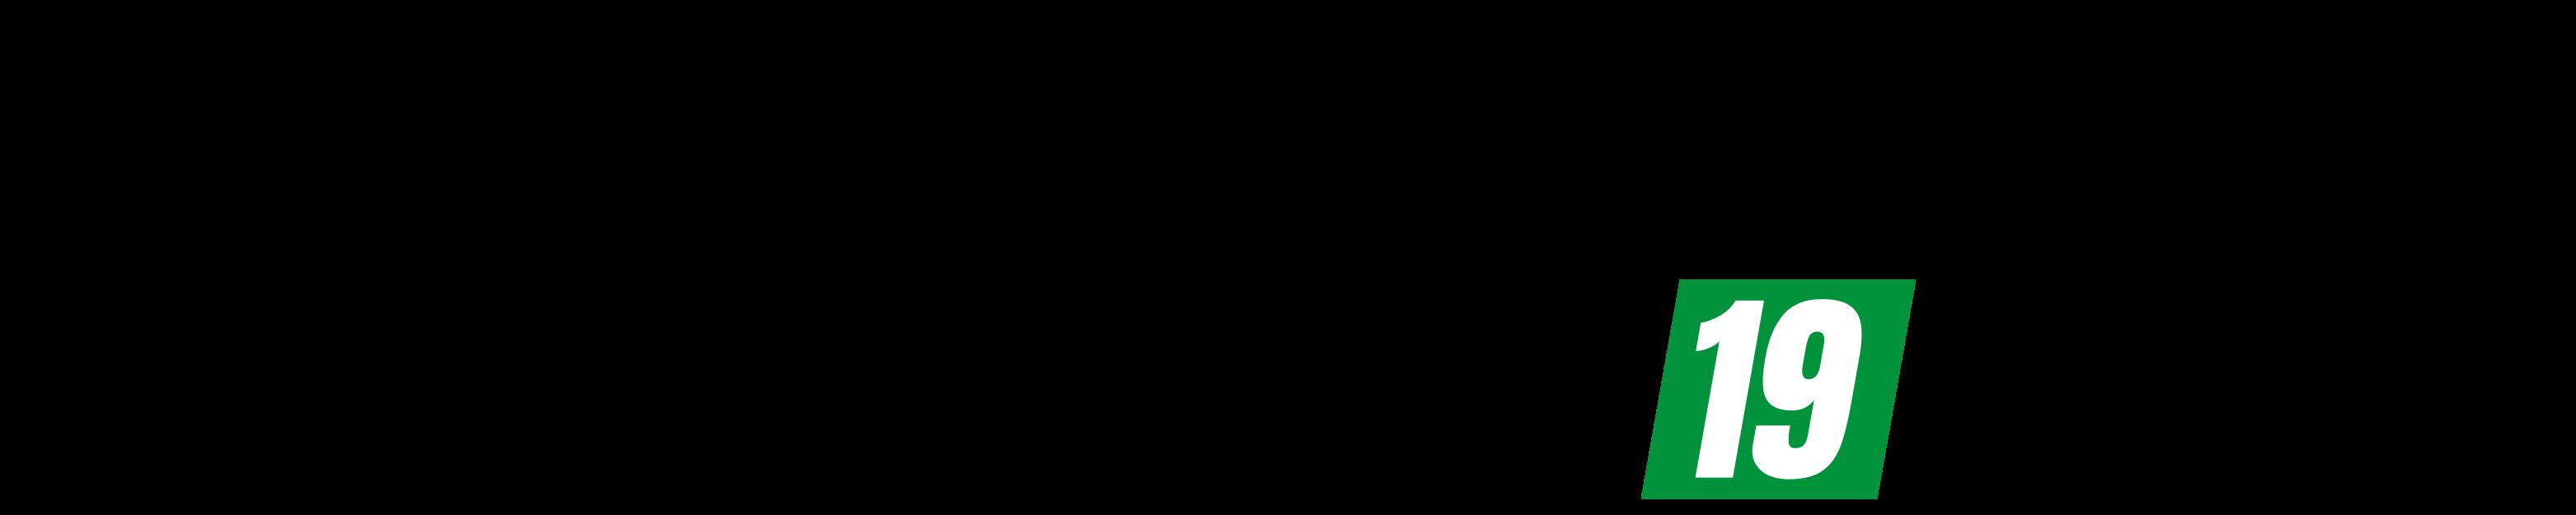 Schäfchenzähl-Simulator 2019